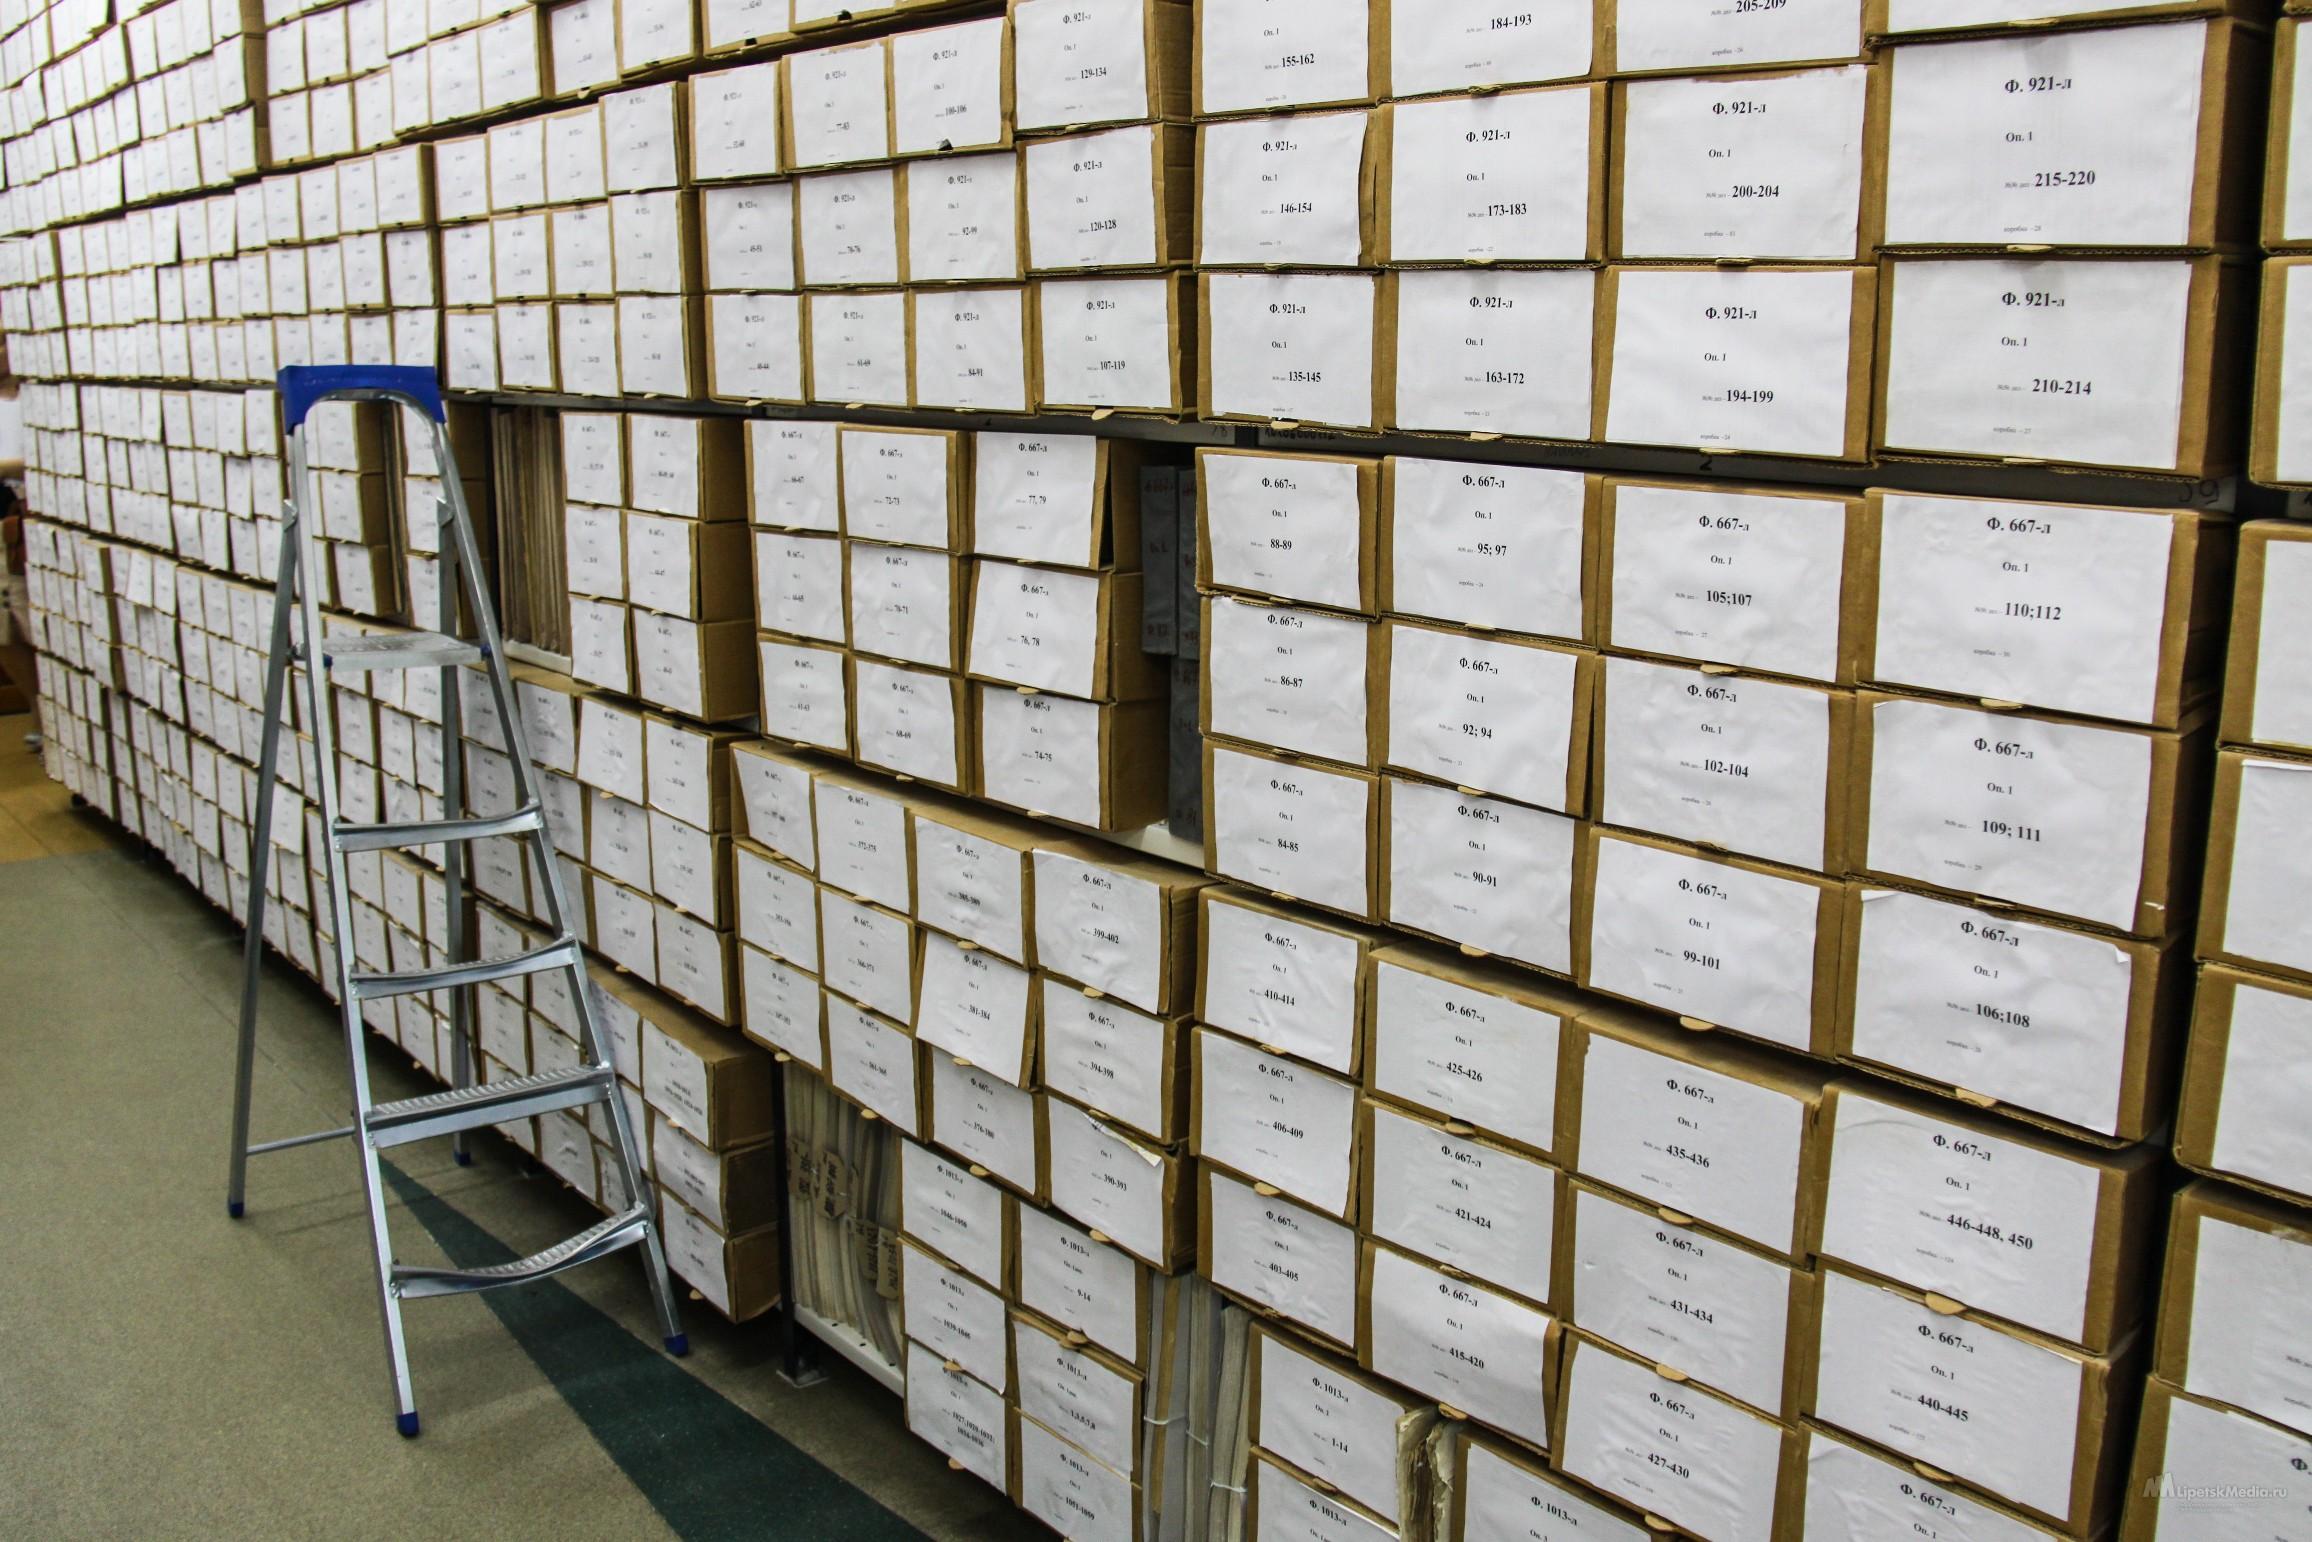 Ящики для хранения документов